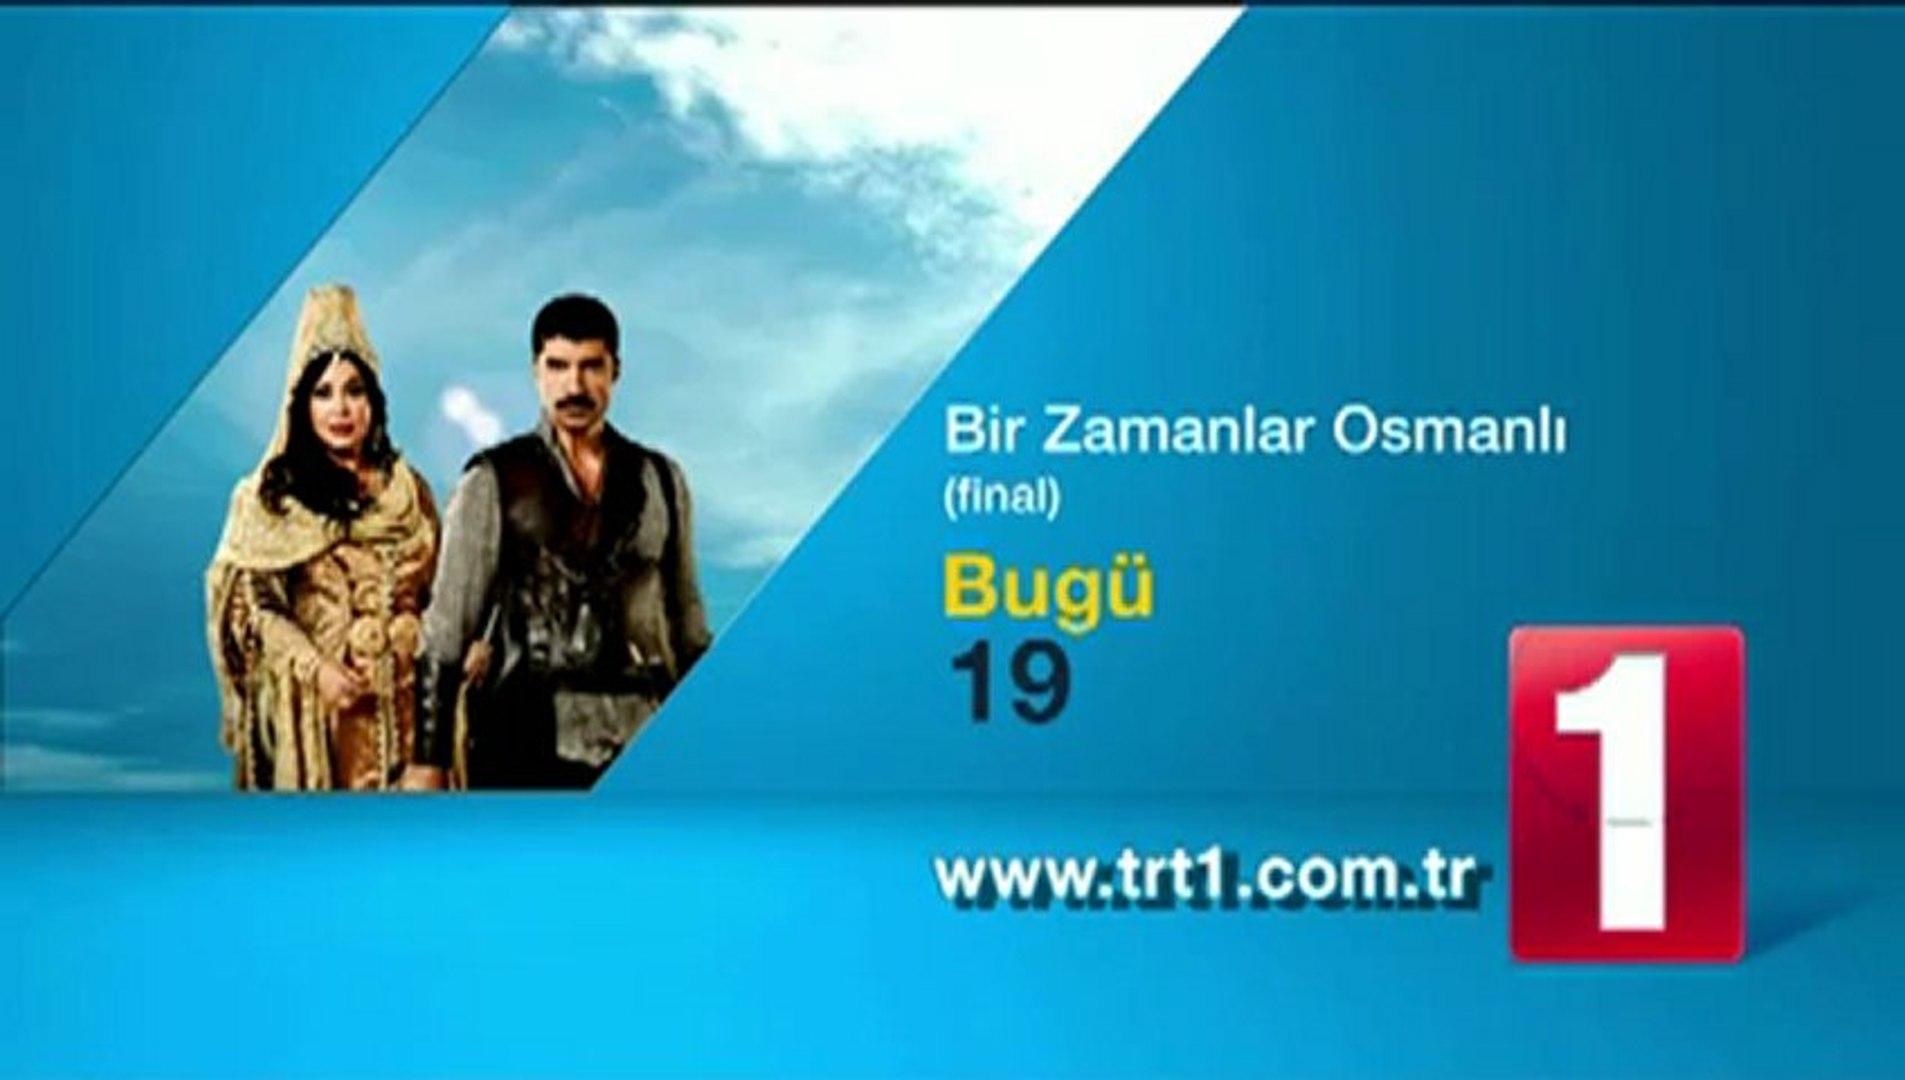 Bir Zamanlar Osmanlı 20. Bölüm (Final Bölümü) Fragman İzle